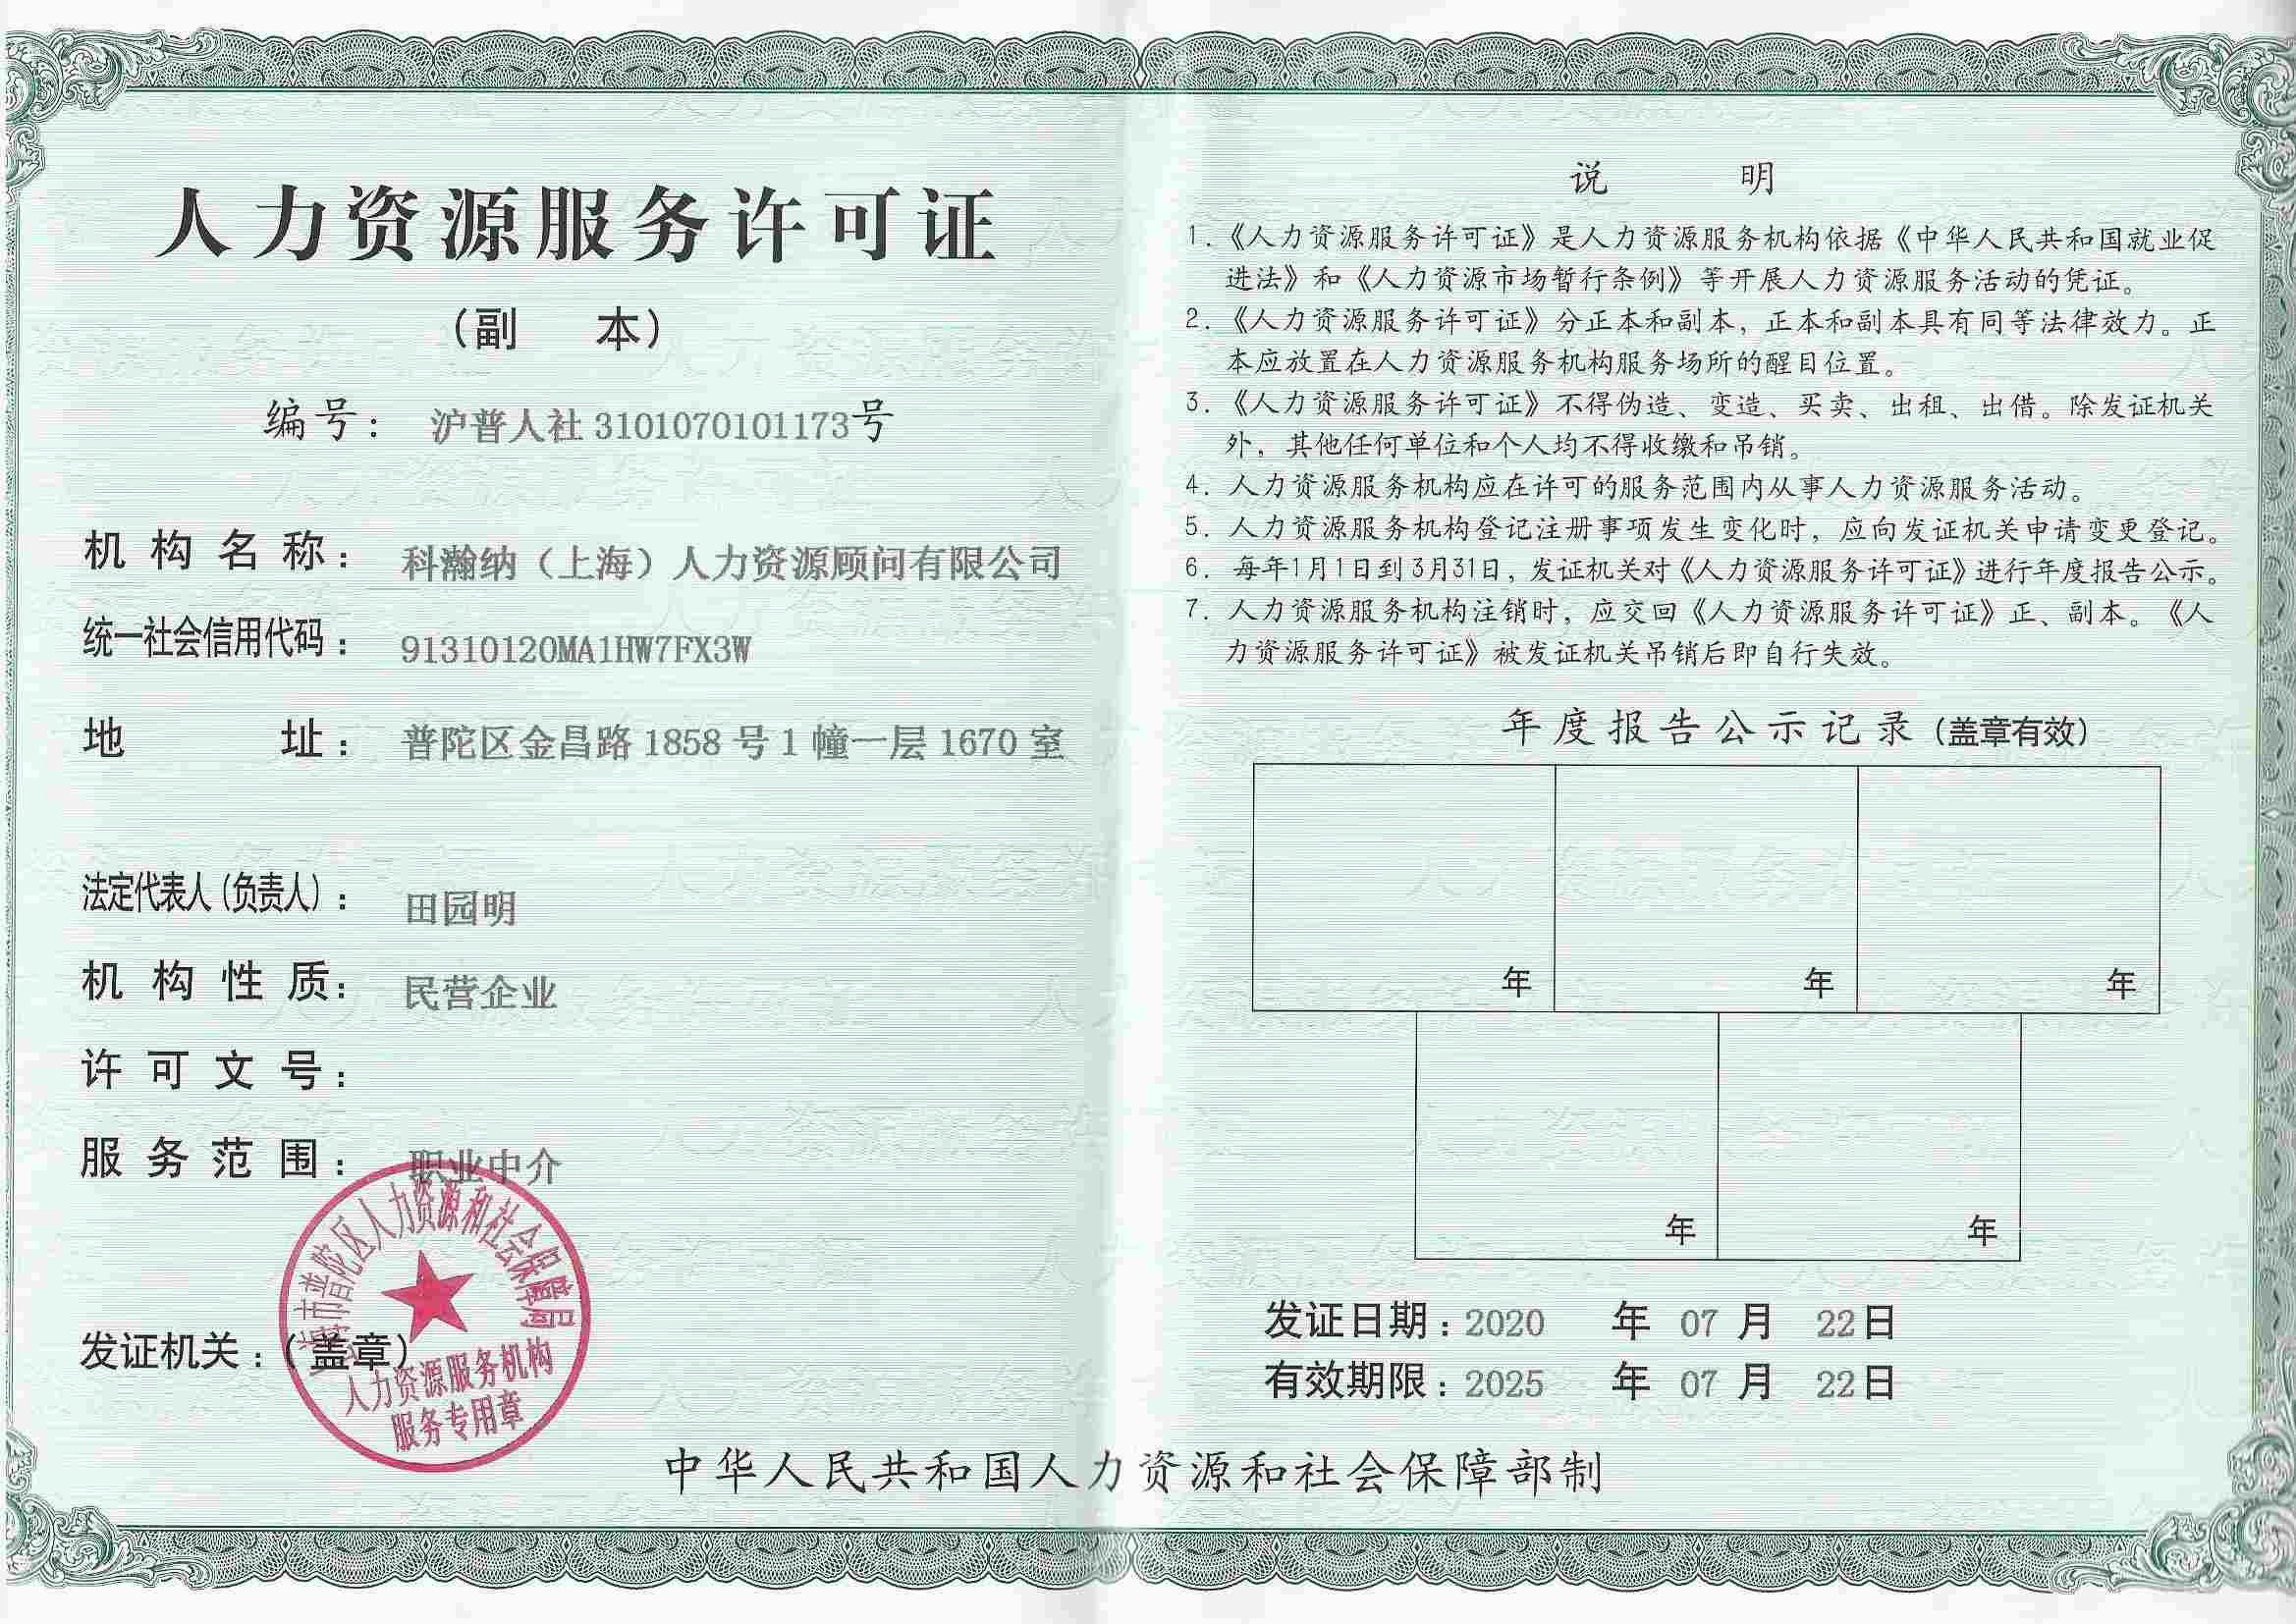 科瀚纳猎头-上海公司人力资源许可证